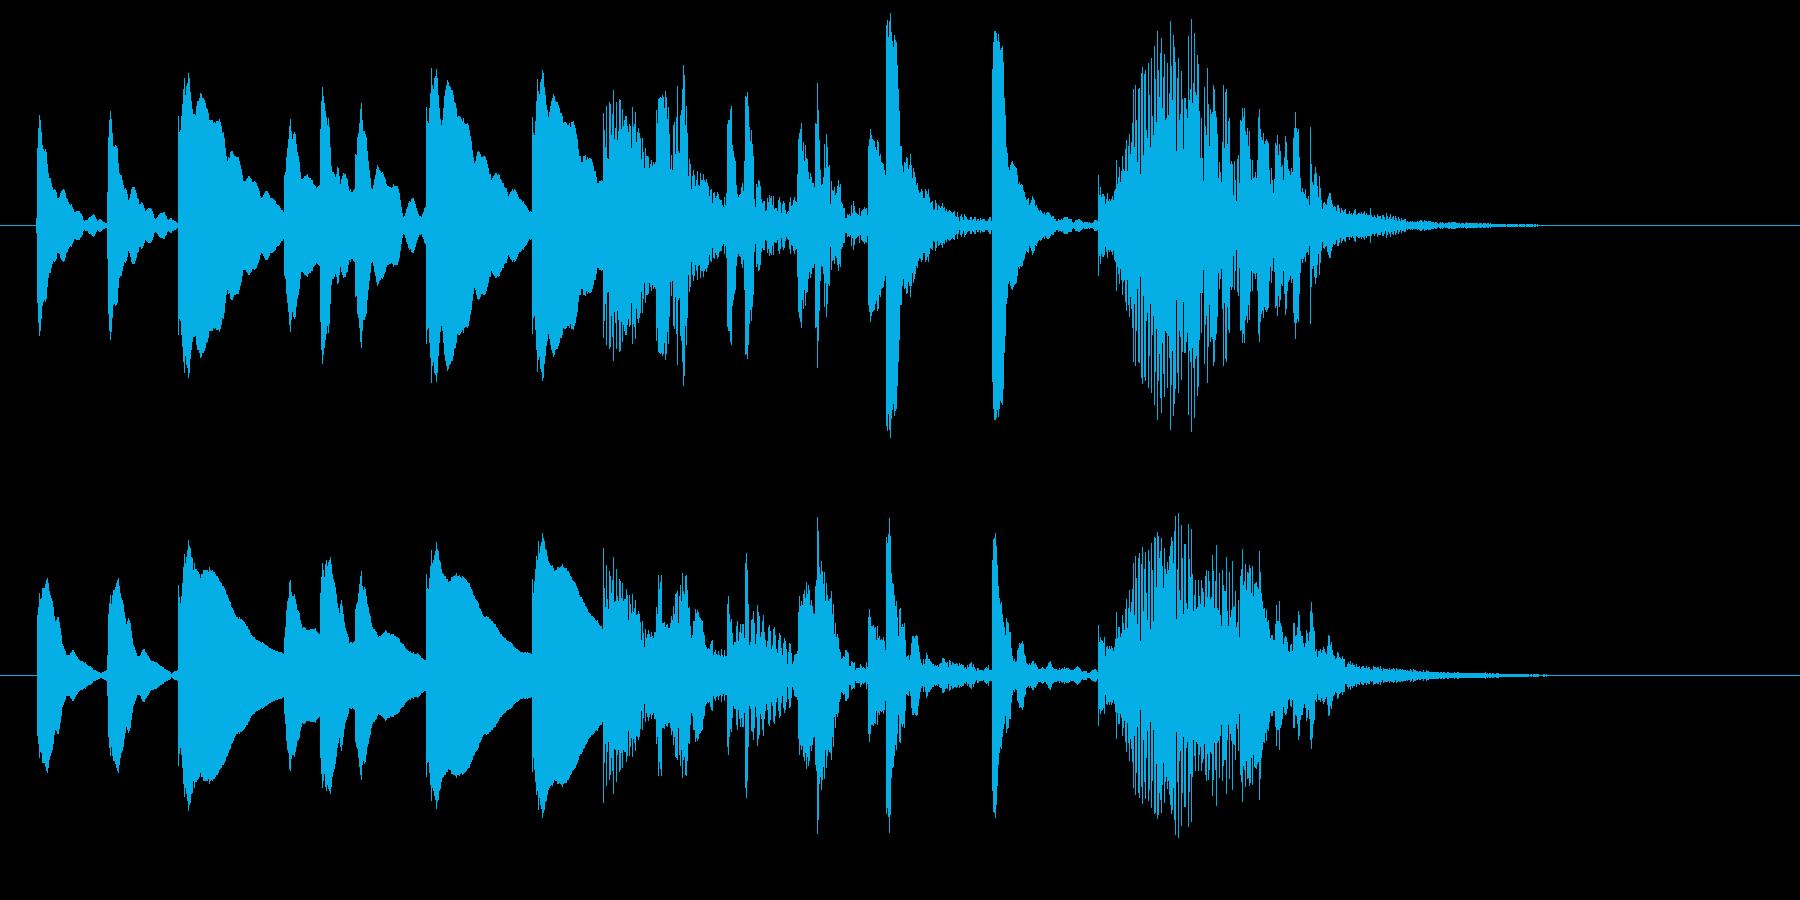 マリンバによるかわいいサウンドロゴの再生済みの波形